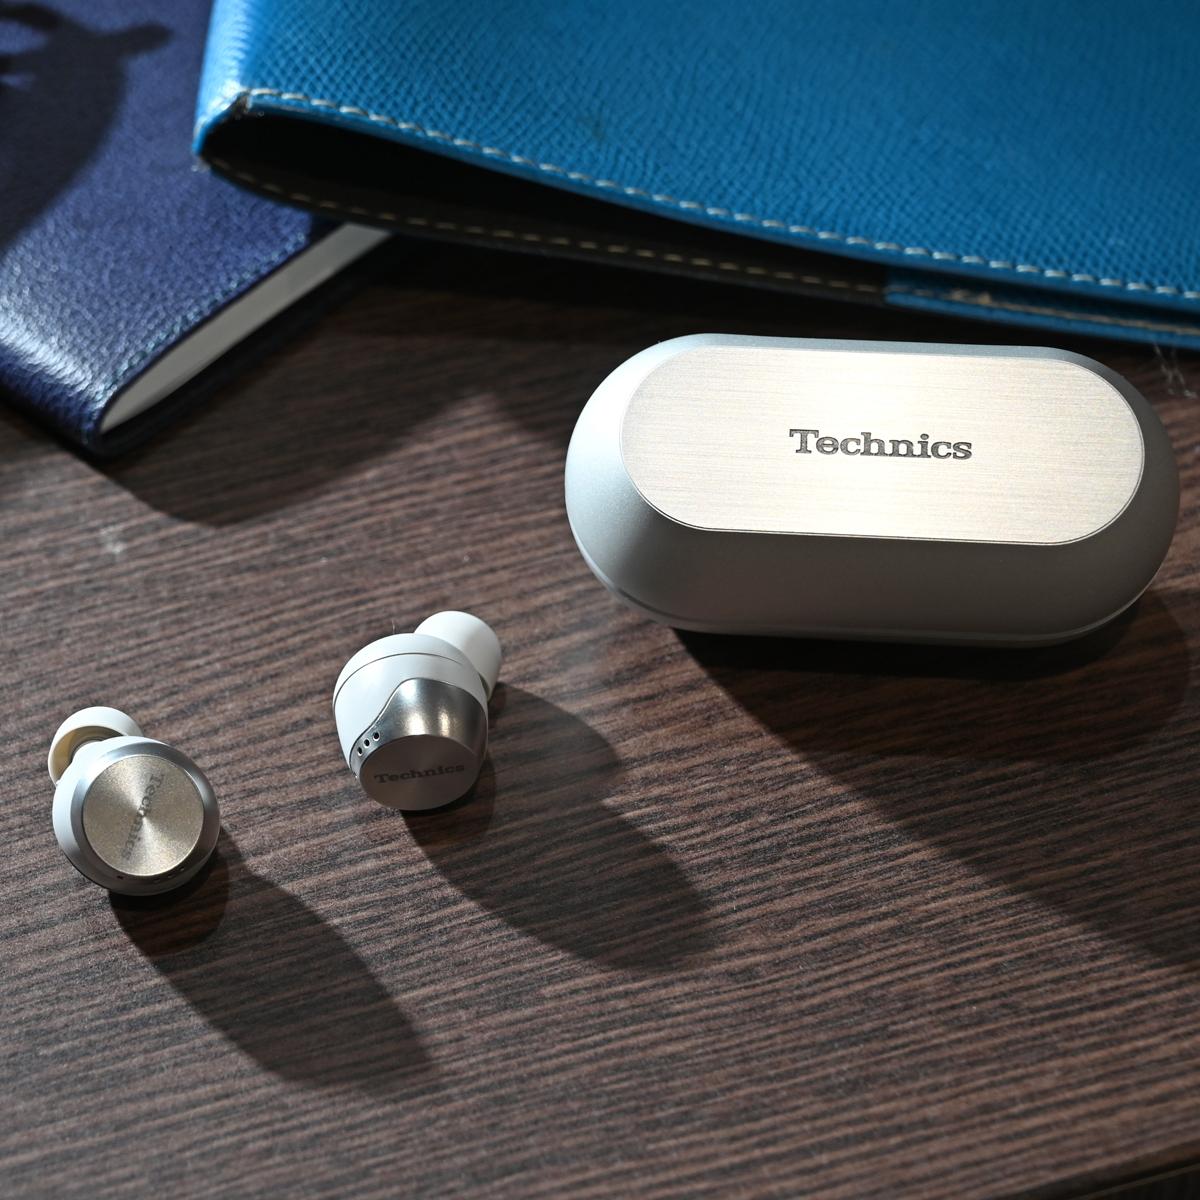 Technicsブランド「EAH-AZ70W」など、パナソニックが初の完全ワイヤレスイヤホンを一挙3モデル発表